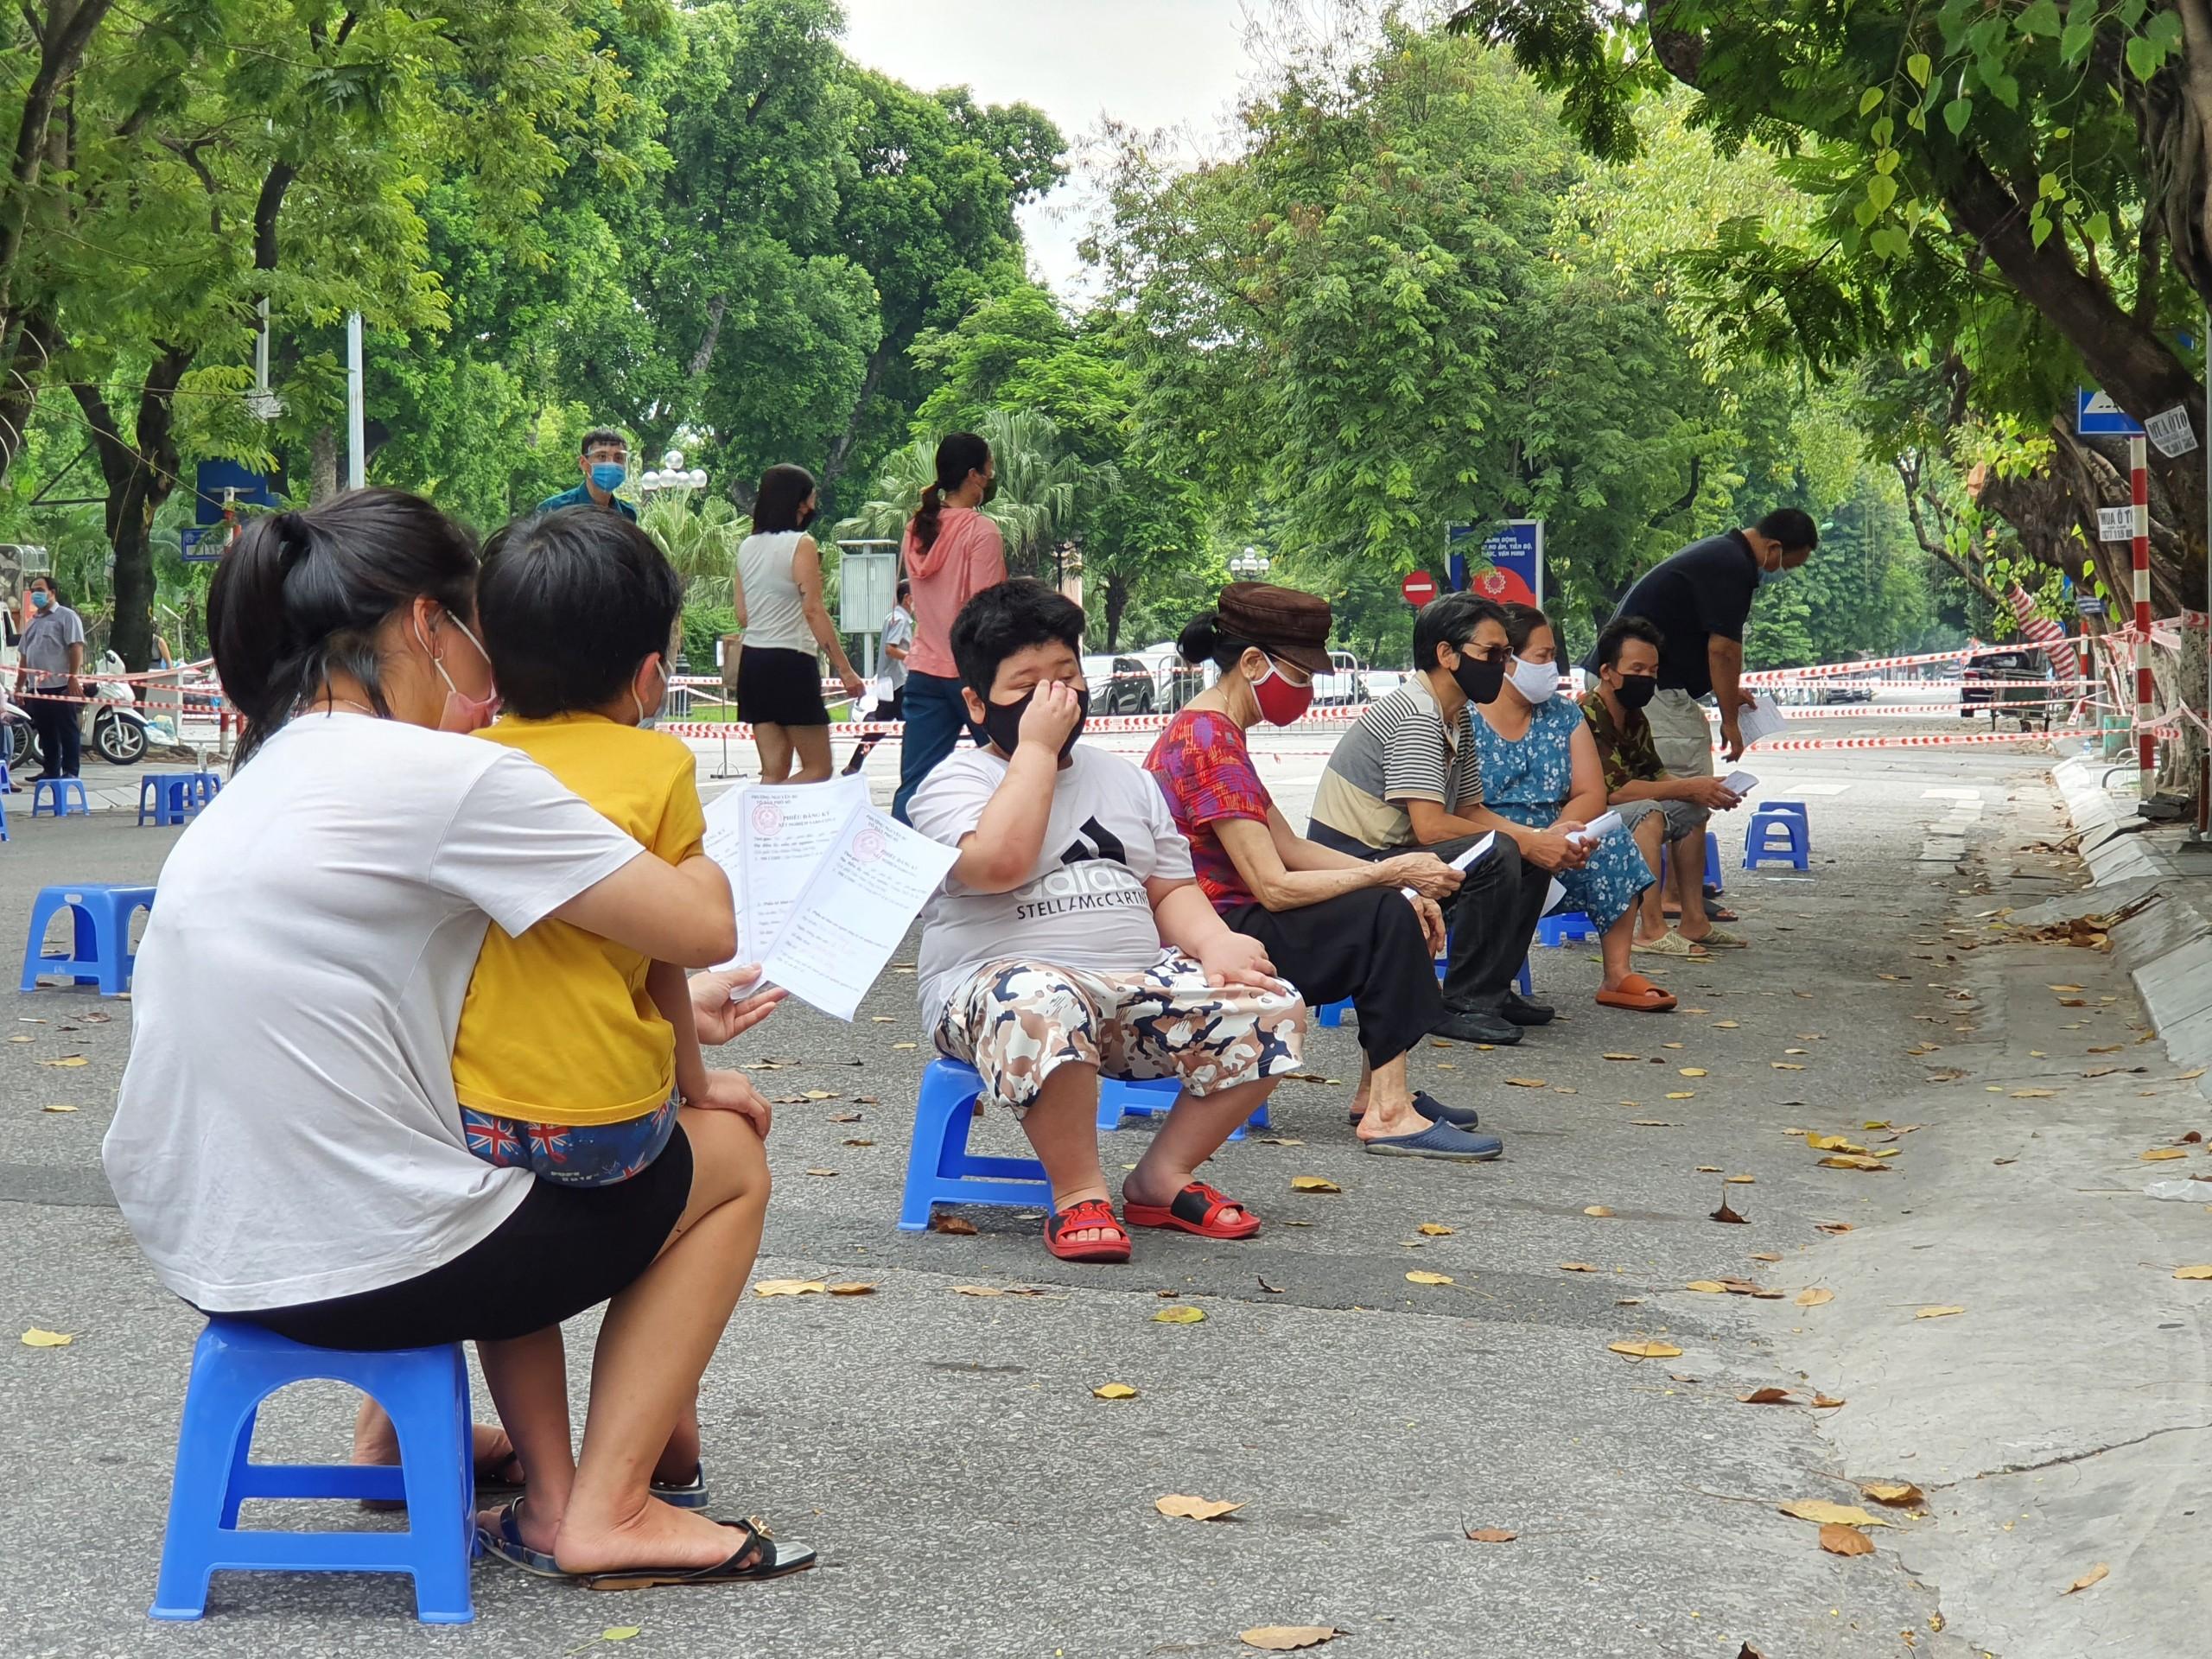 Sau khi điền phiếu, người dân sẽ được hướng dẫn ngồi chờ đúng theo giãn cách.